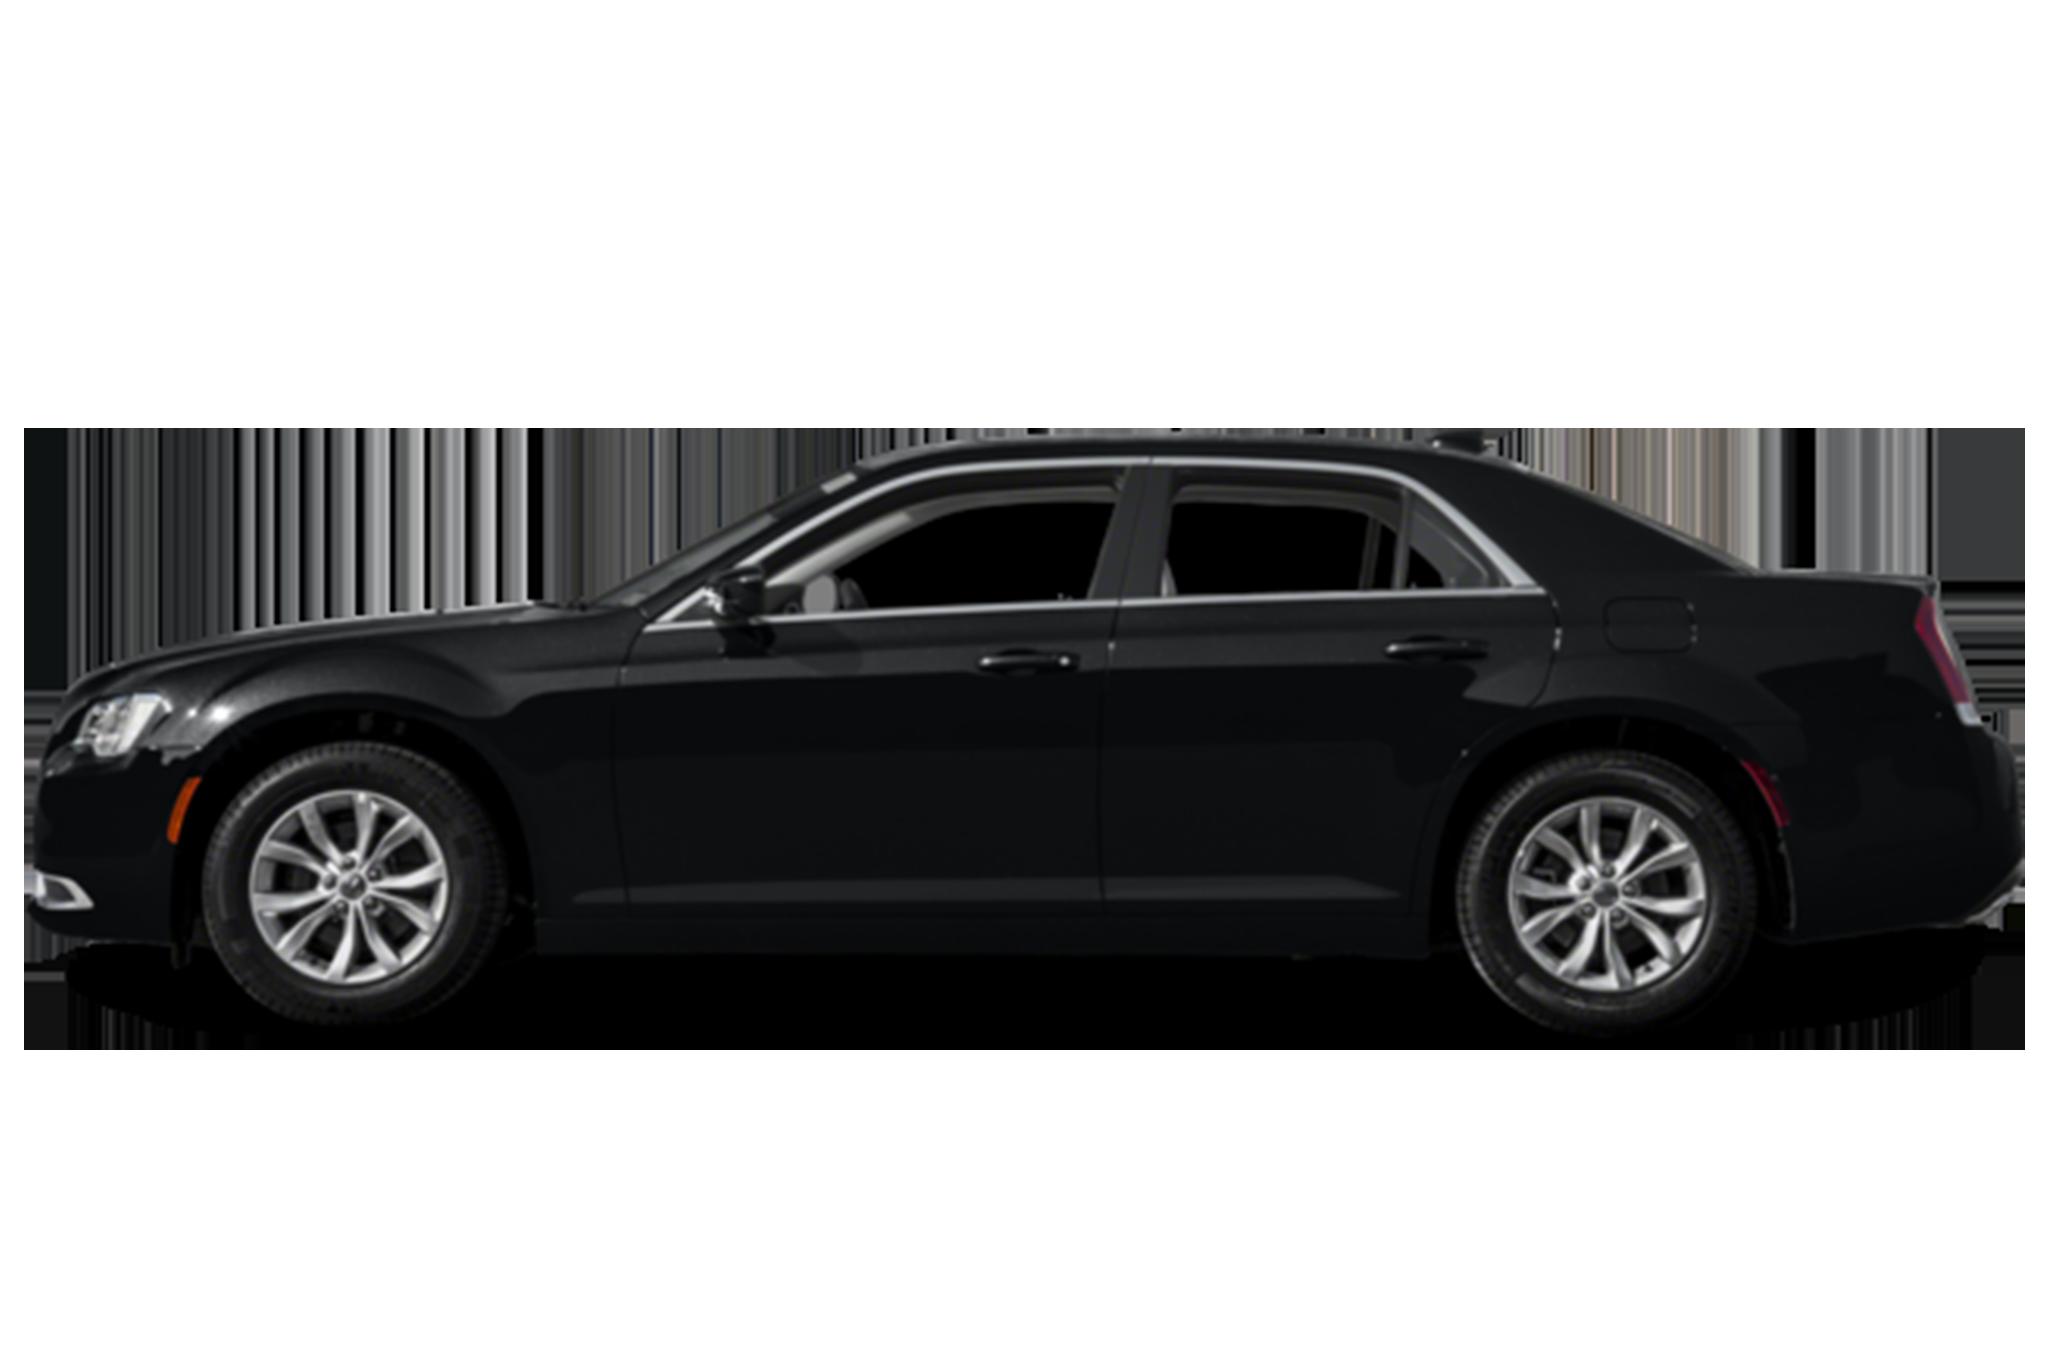 New Chrysler 300 Delray Beach FL